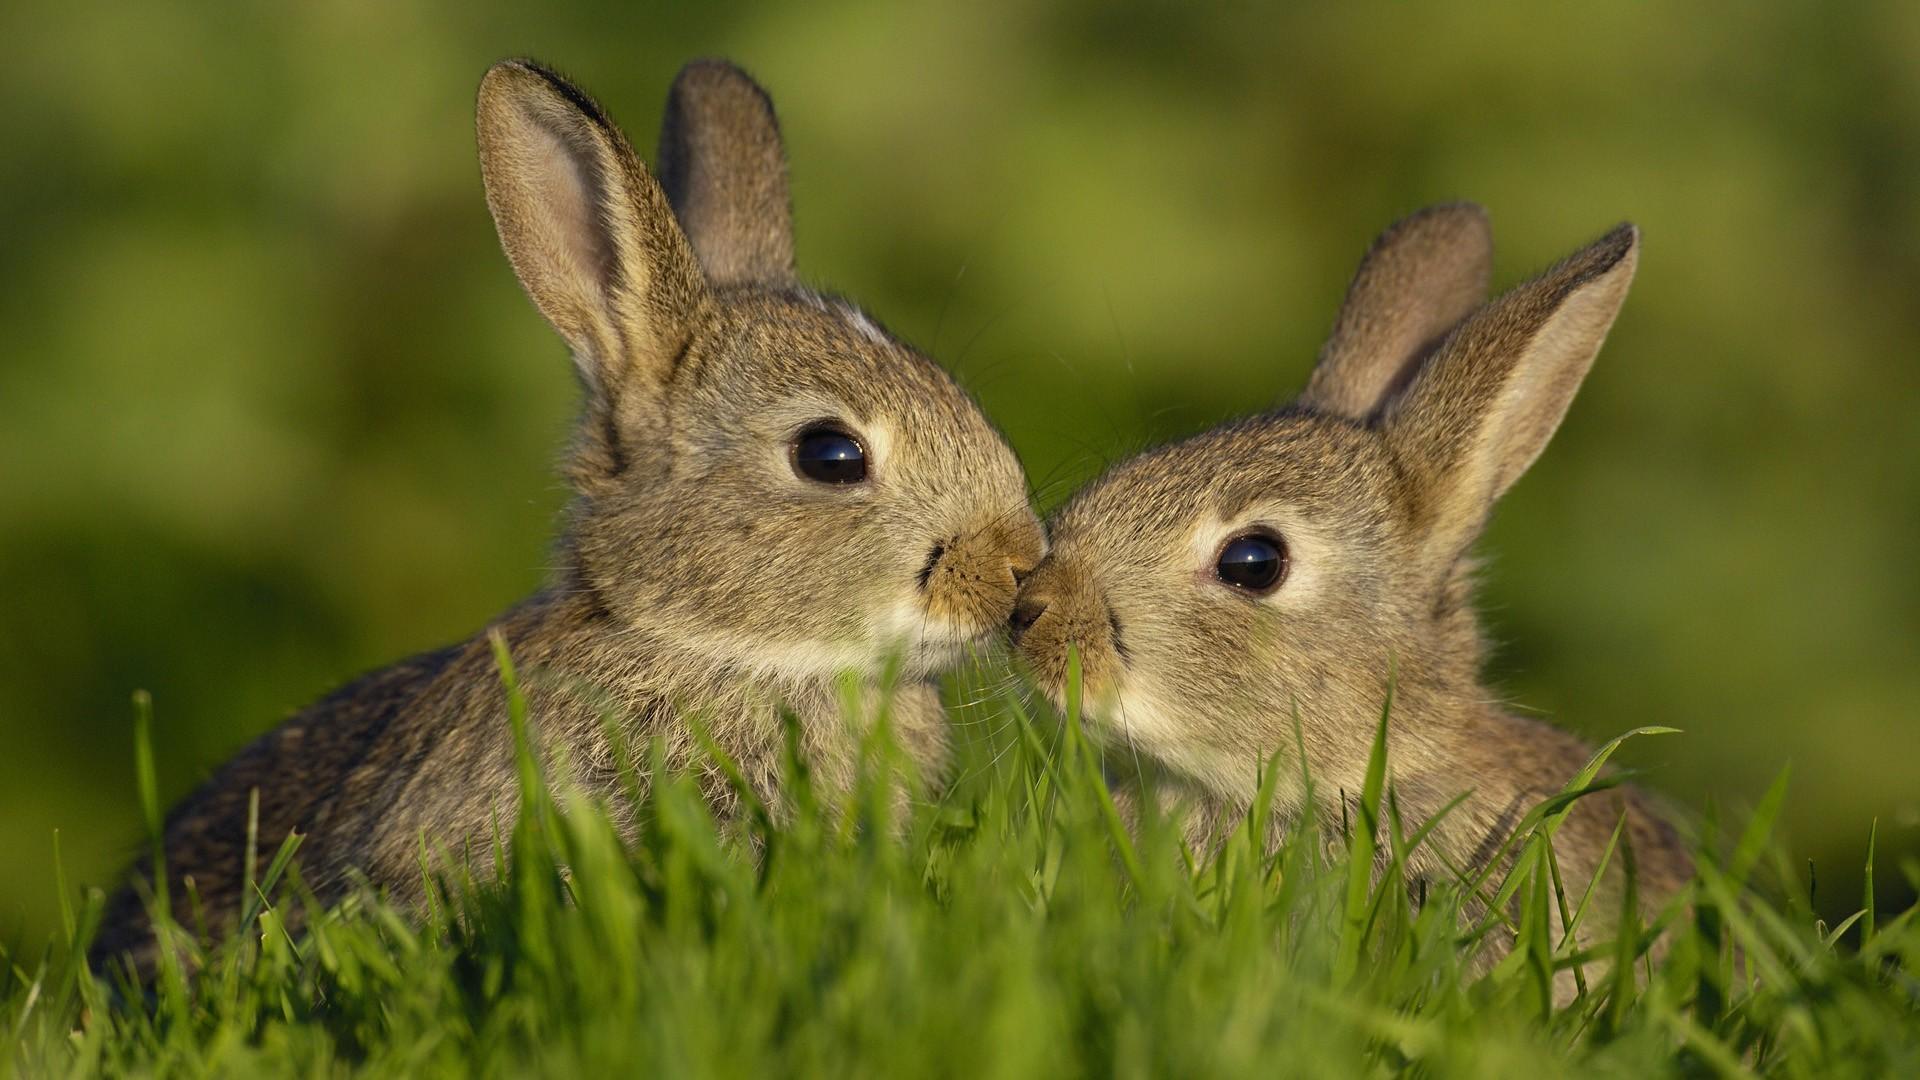 Скачать обои братья зайцы в траве